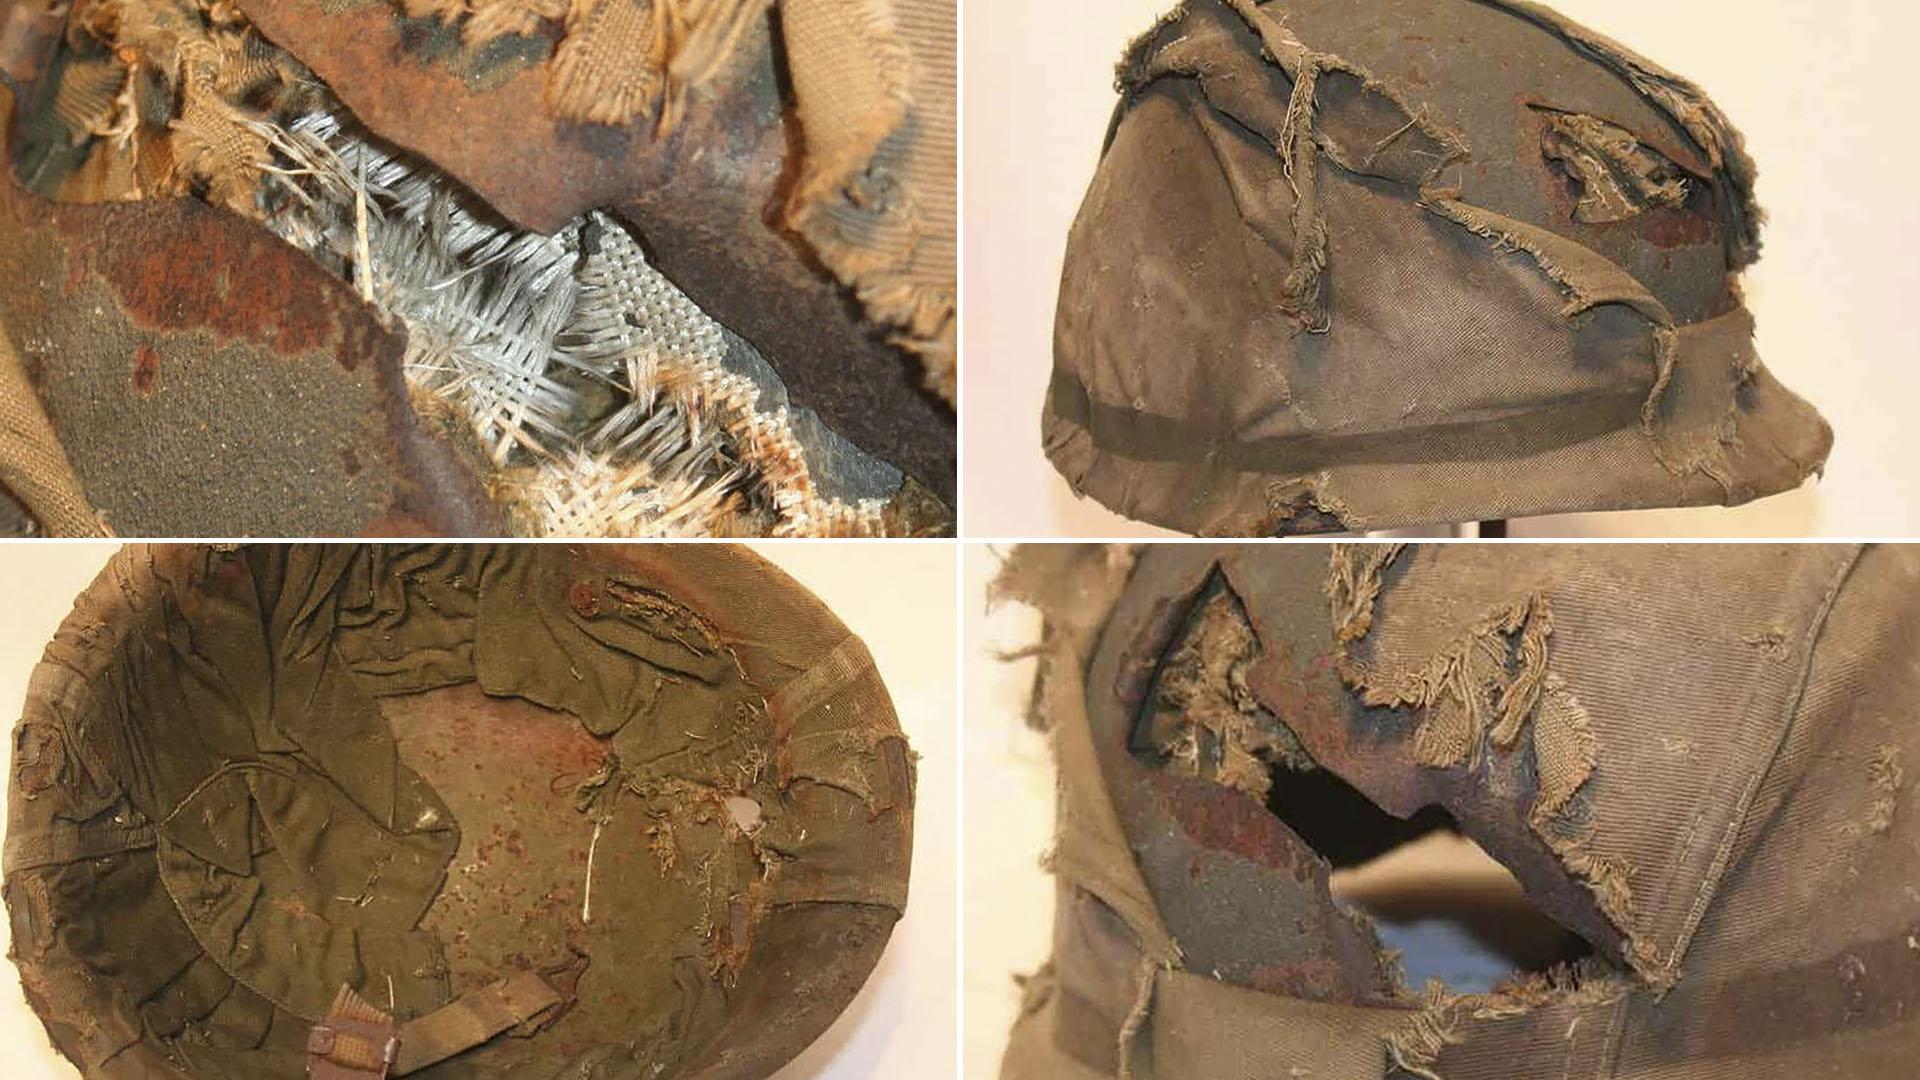 Los detalles del casco destrozado tal como lo muestran en ebay